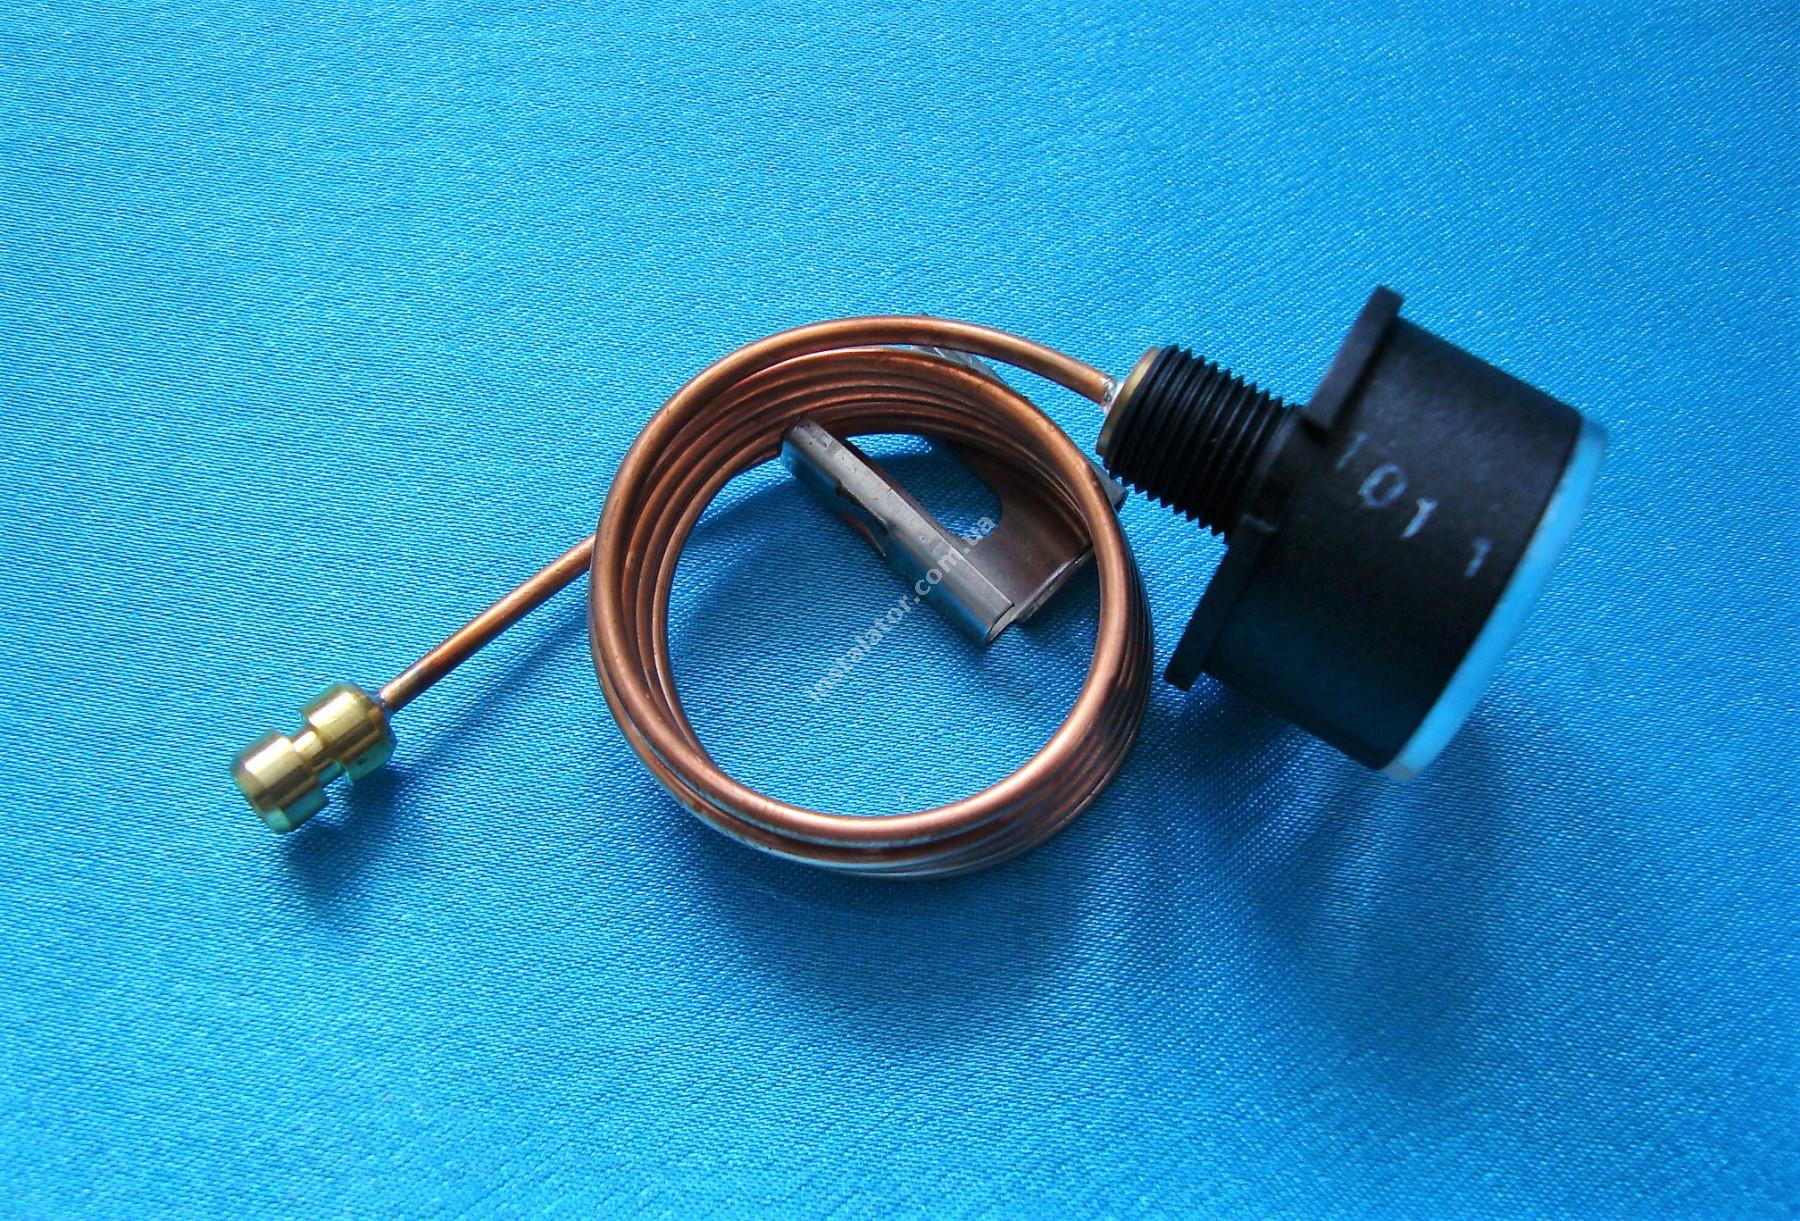 180982 Манометр VAILLANT АtmoTEC Pro, Turbo TEC pro, АtmoTEC plus, Turbo TEC plus  full-image-3